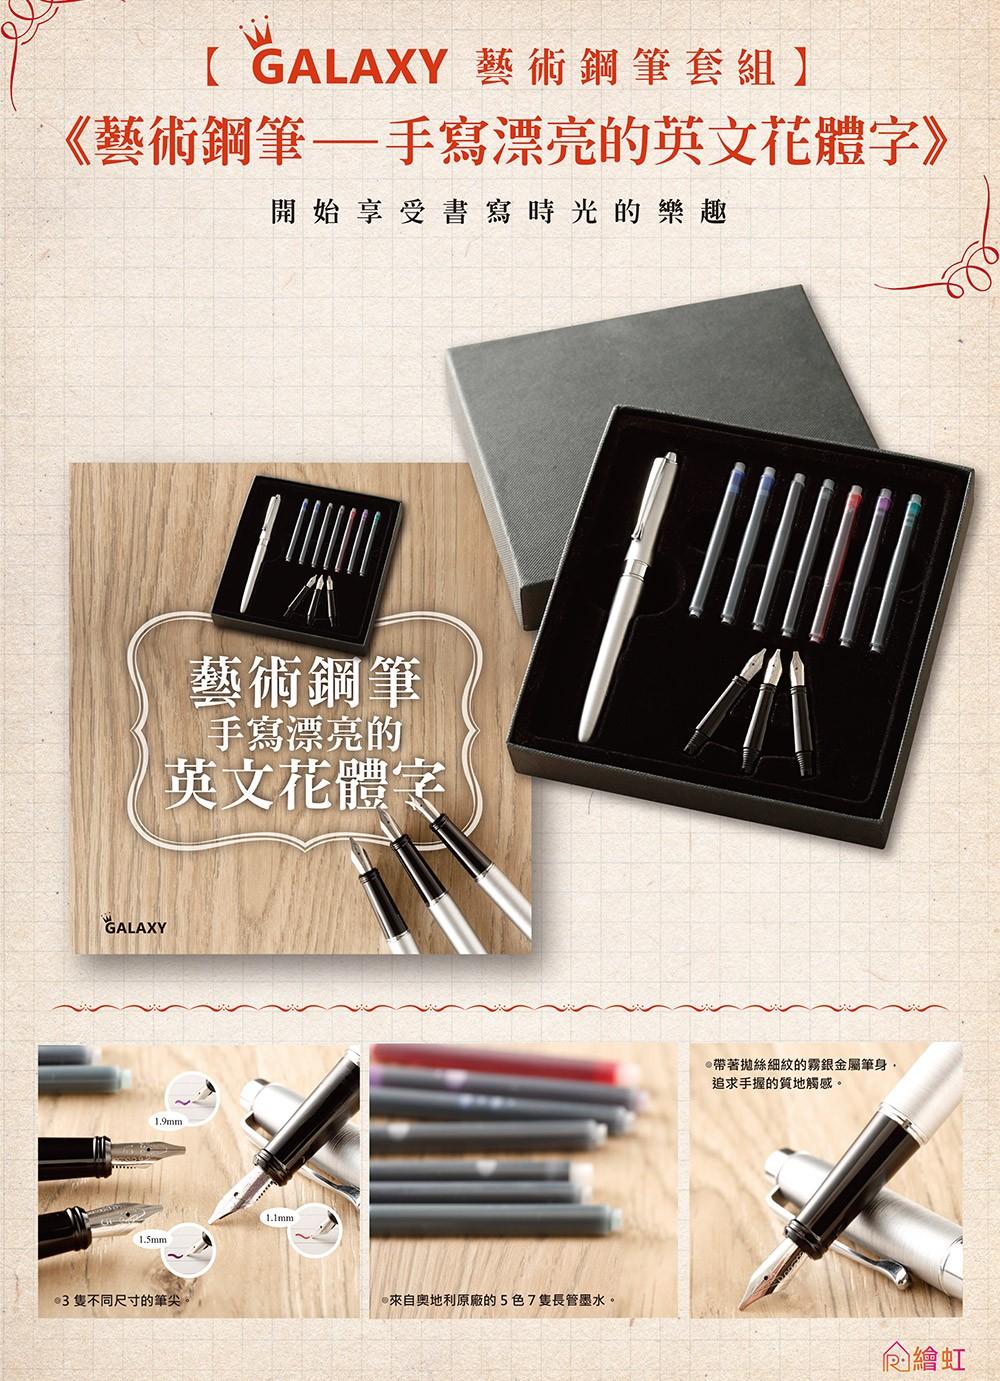 《藝術鋼筆手寫漂亮的英文花體字》+【Galaxy-藝術鋼筆套組】